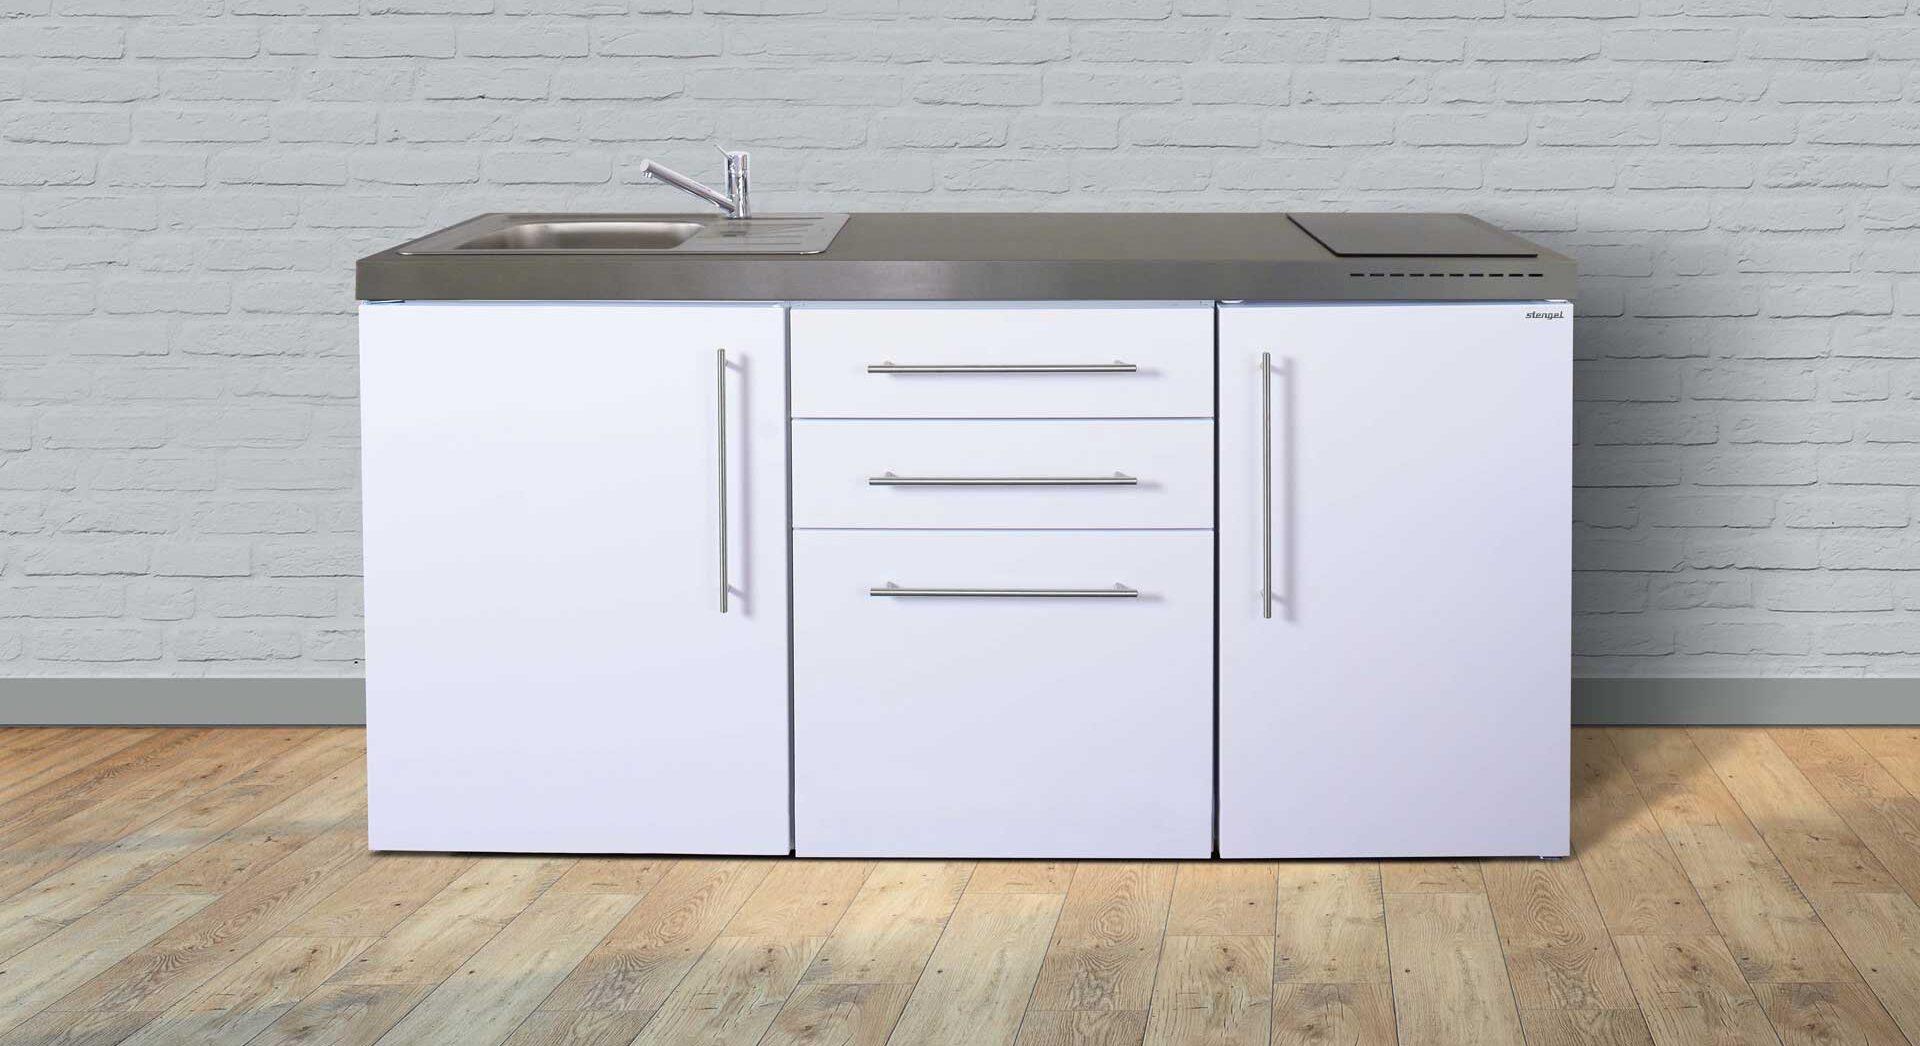 MP 170 stålkøkken til lille bolig, lejlighed, værelse, kollegiebolig etc. Fås i 8 moderne farver. Inkl. hvidevarer.